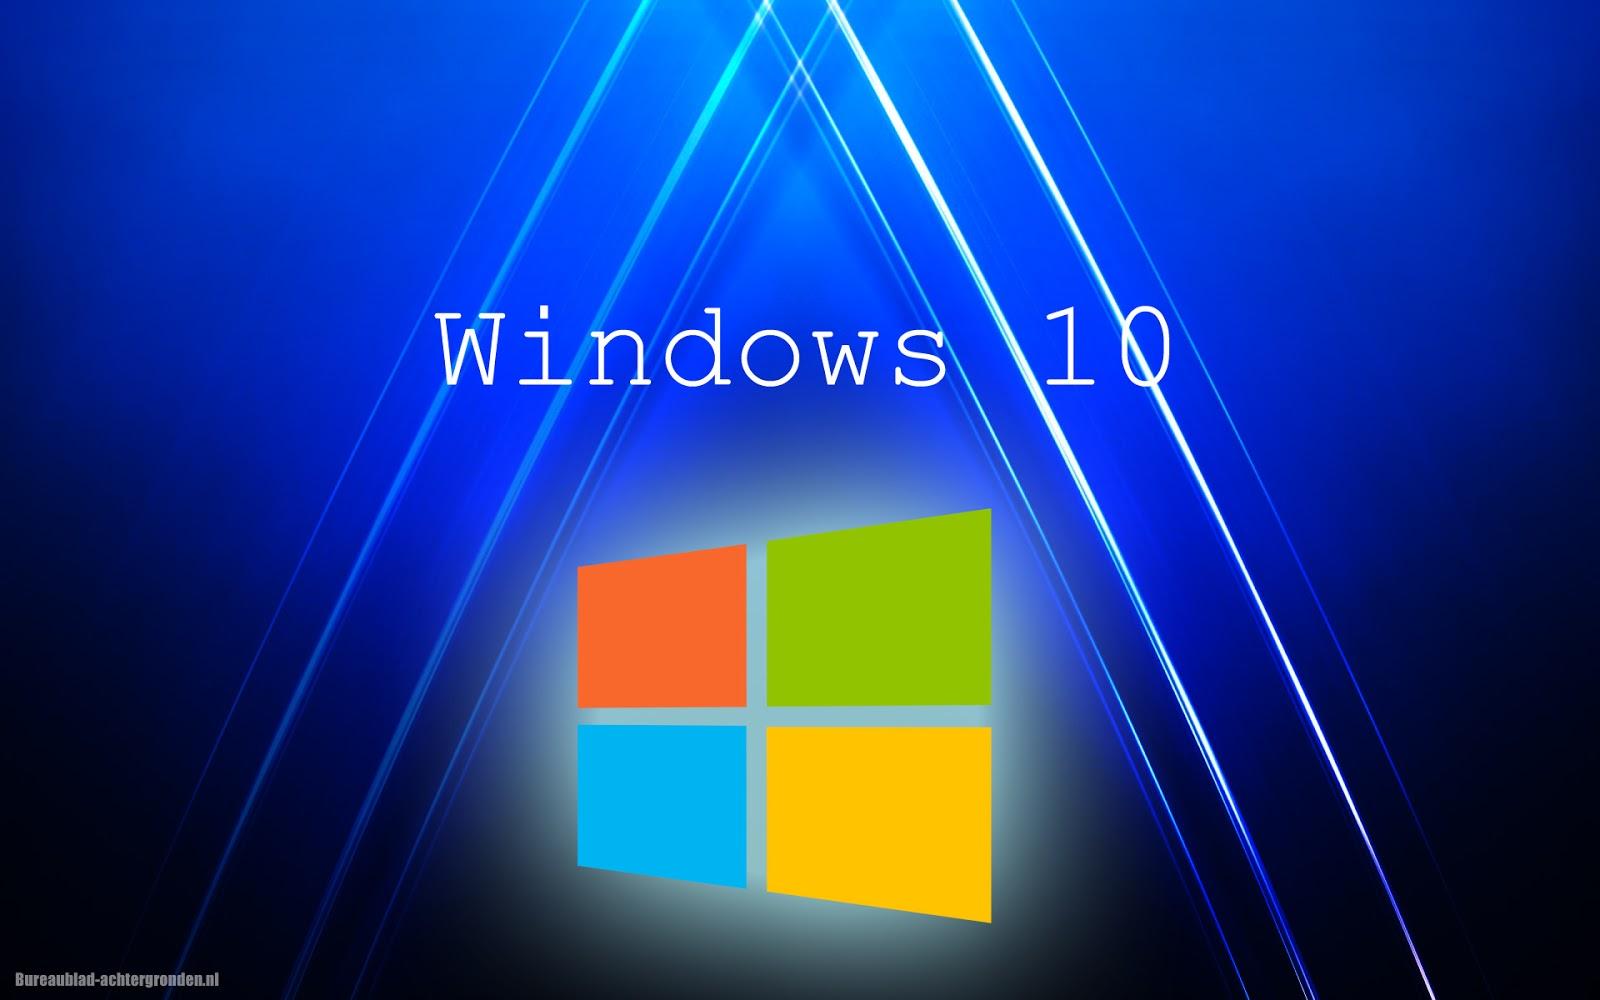 Windows 10 achtergronden bureaublad achtergronden for Bureau windows 10